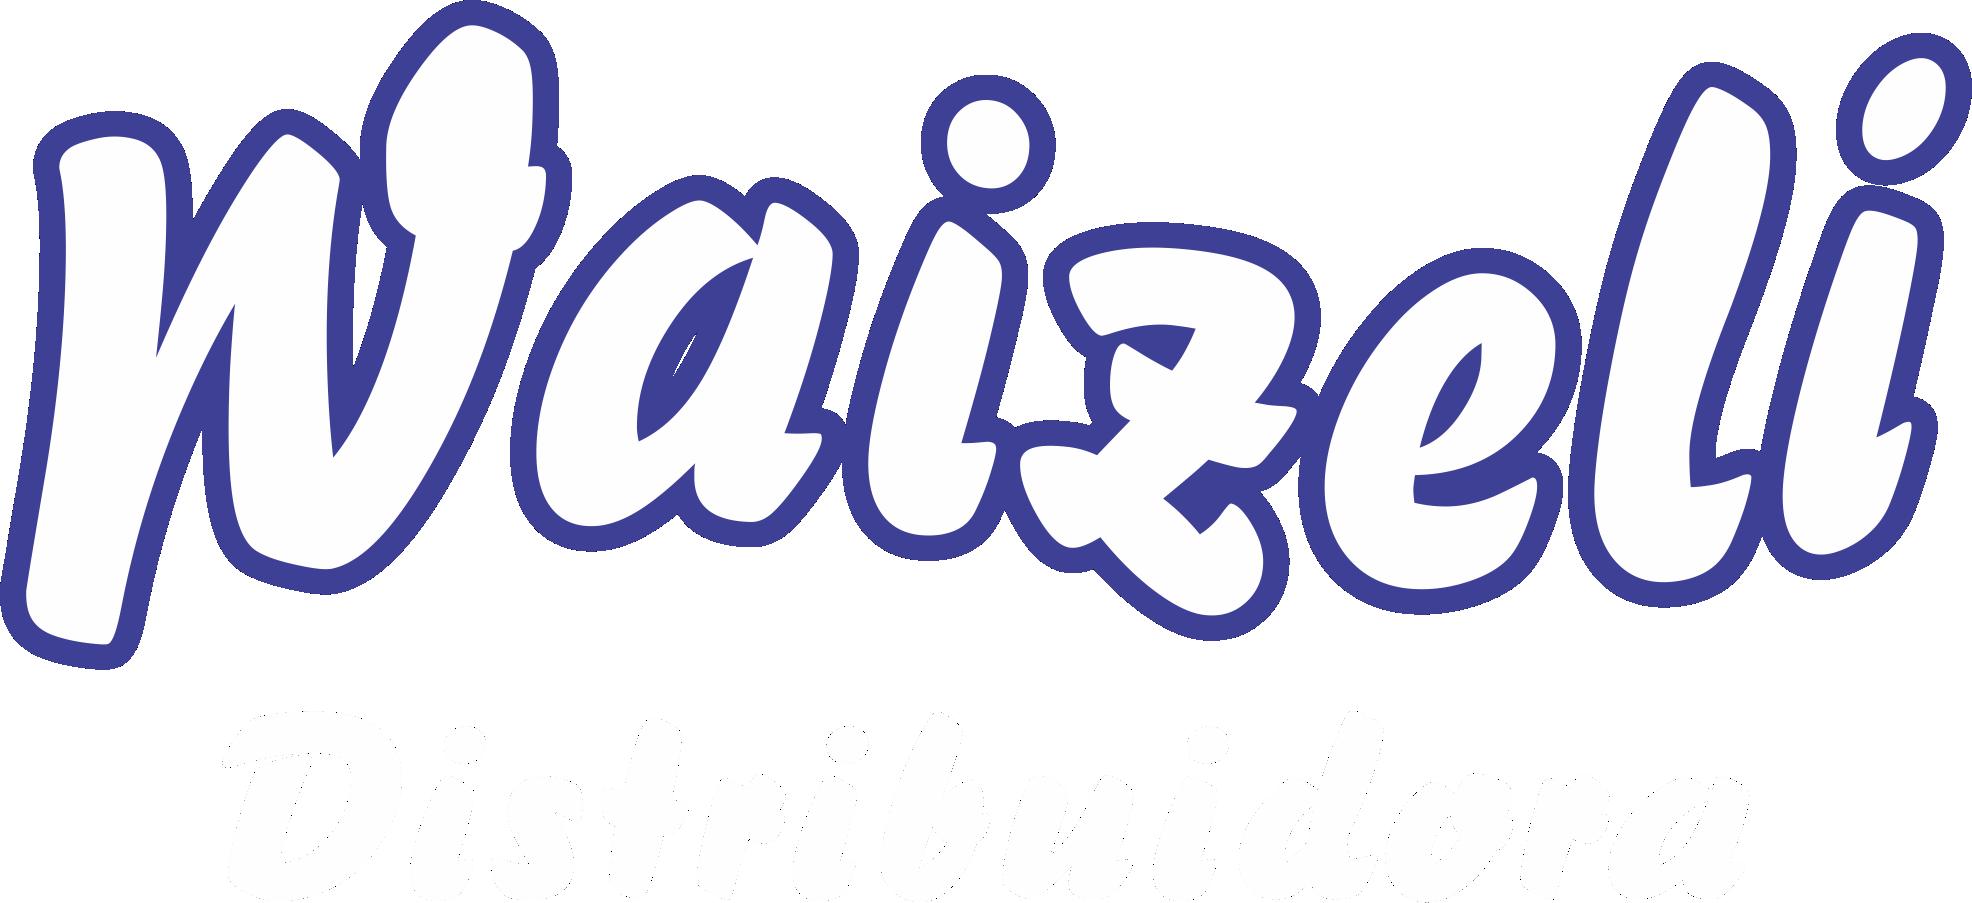 Waizeli_Logo_Novo 2020-2